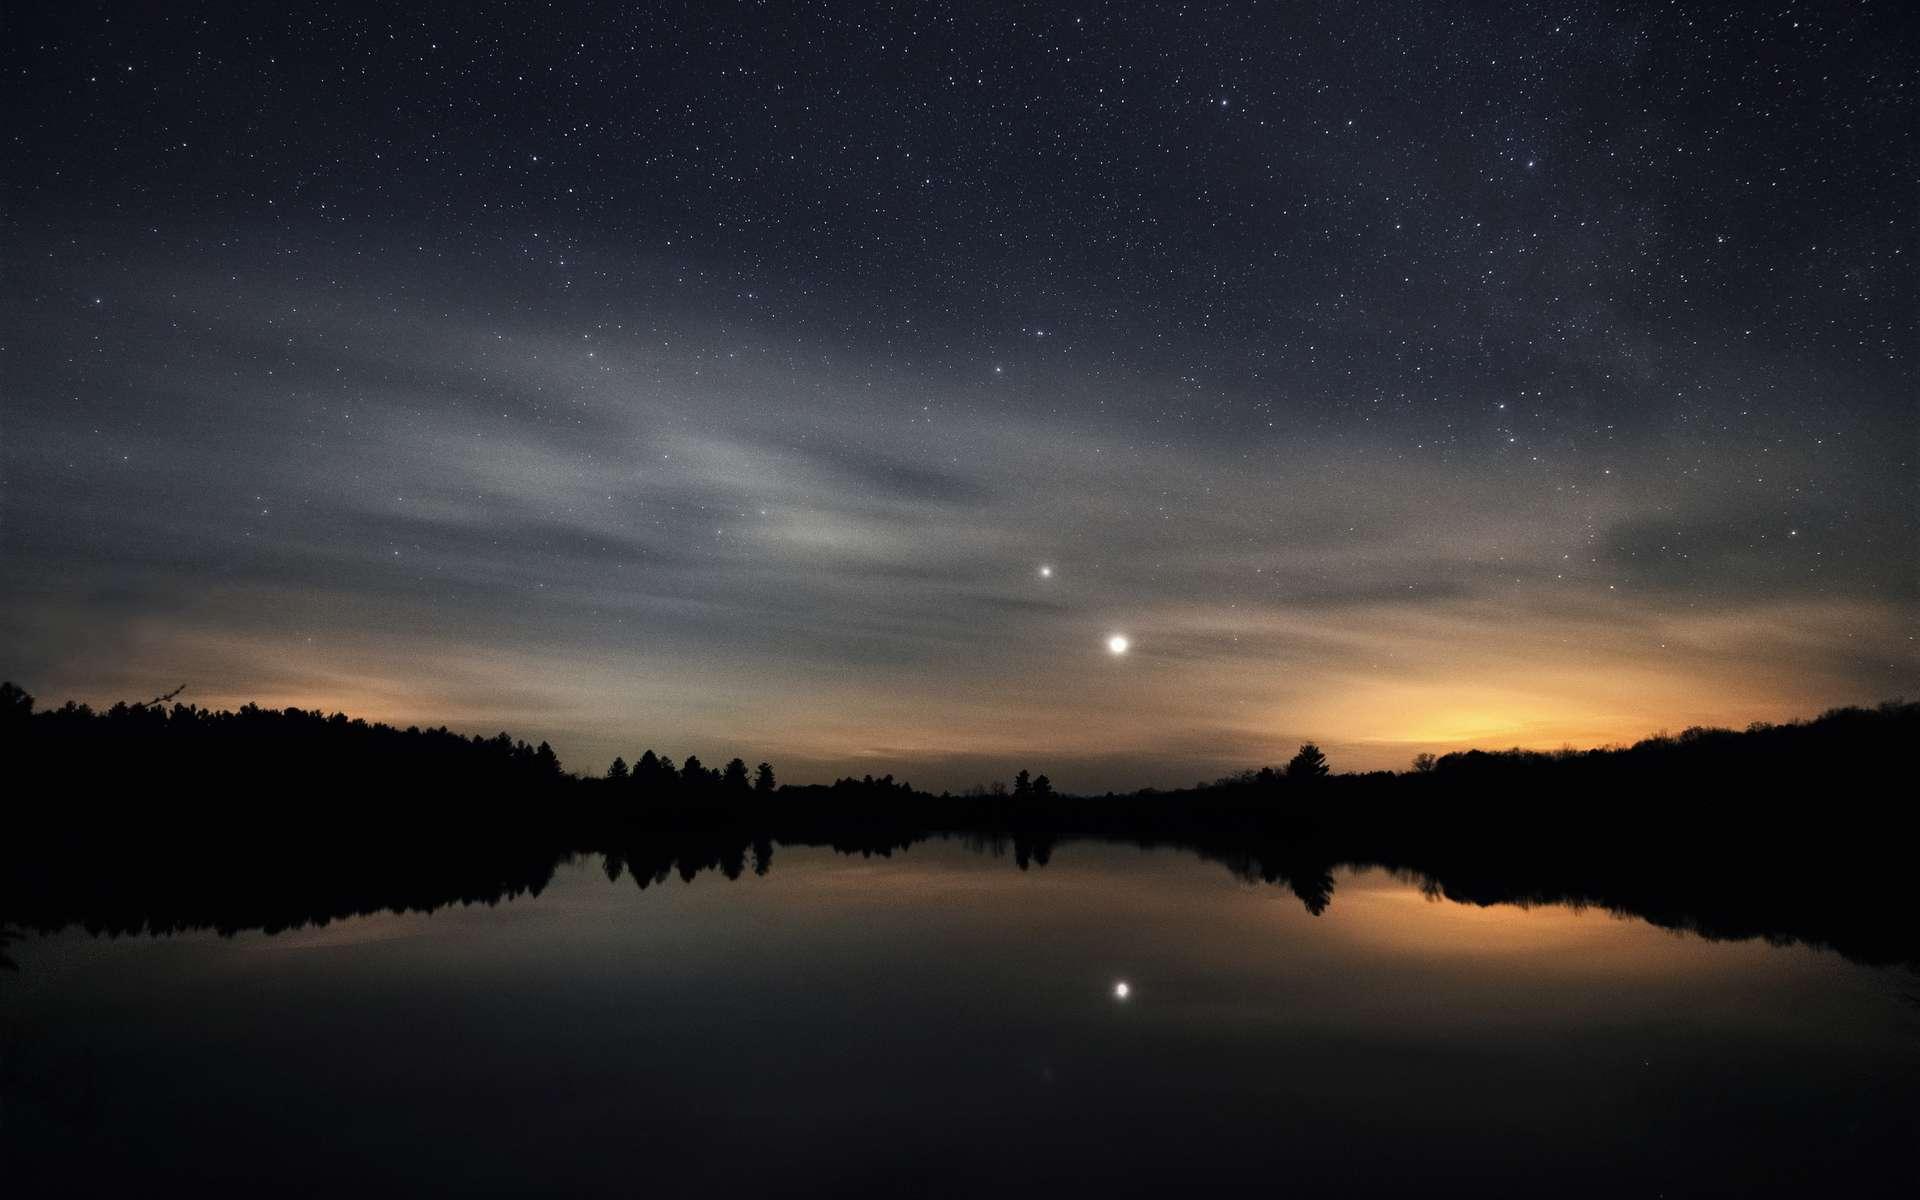 Jupiter et Saturne au crépuscule, en décembre 2020. © Jason, Adobe Stock